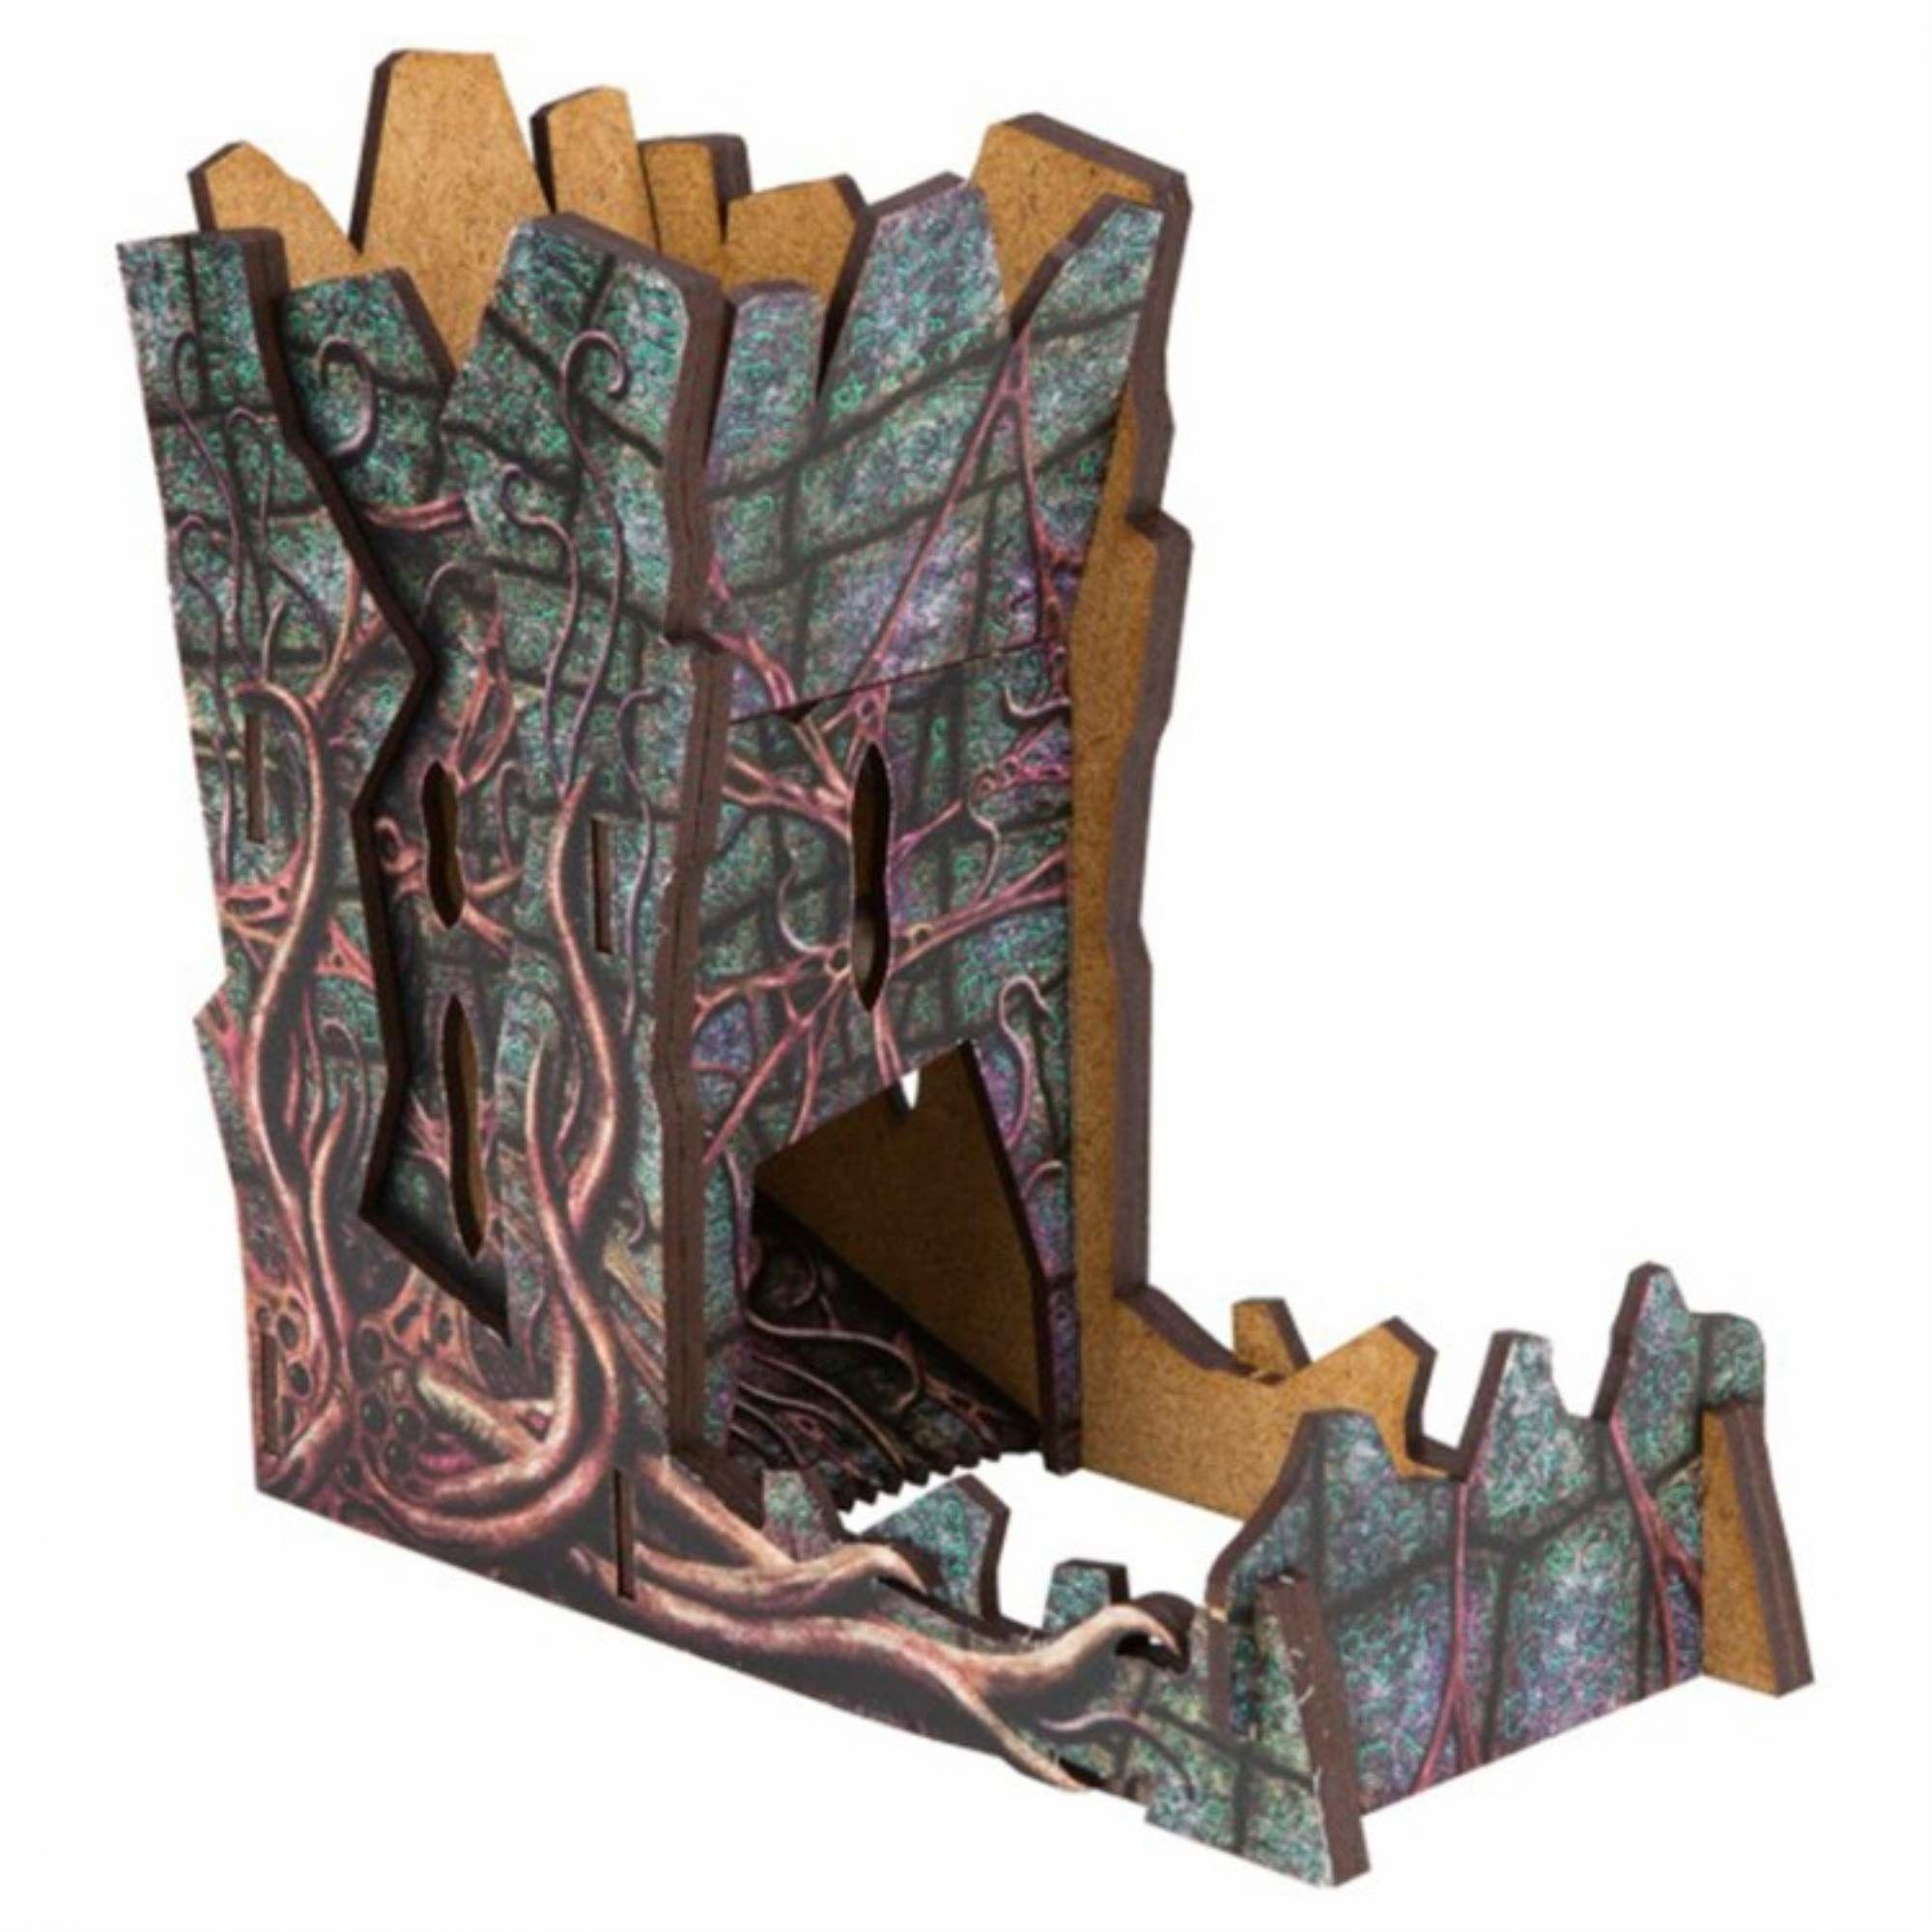 Q-WORKSHOP Call Of Cthulhu kolorowa wieża kości